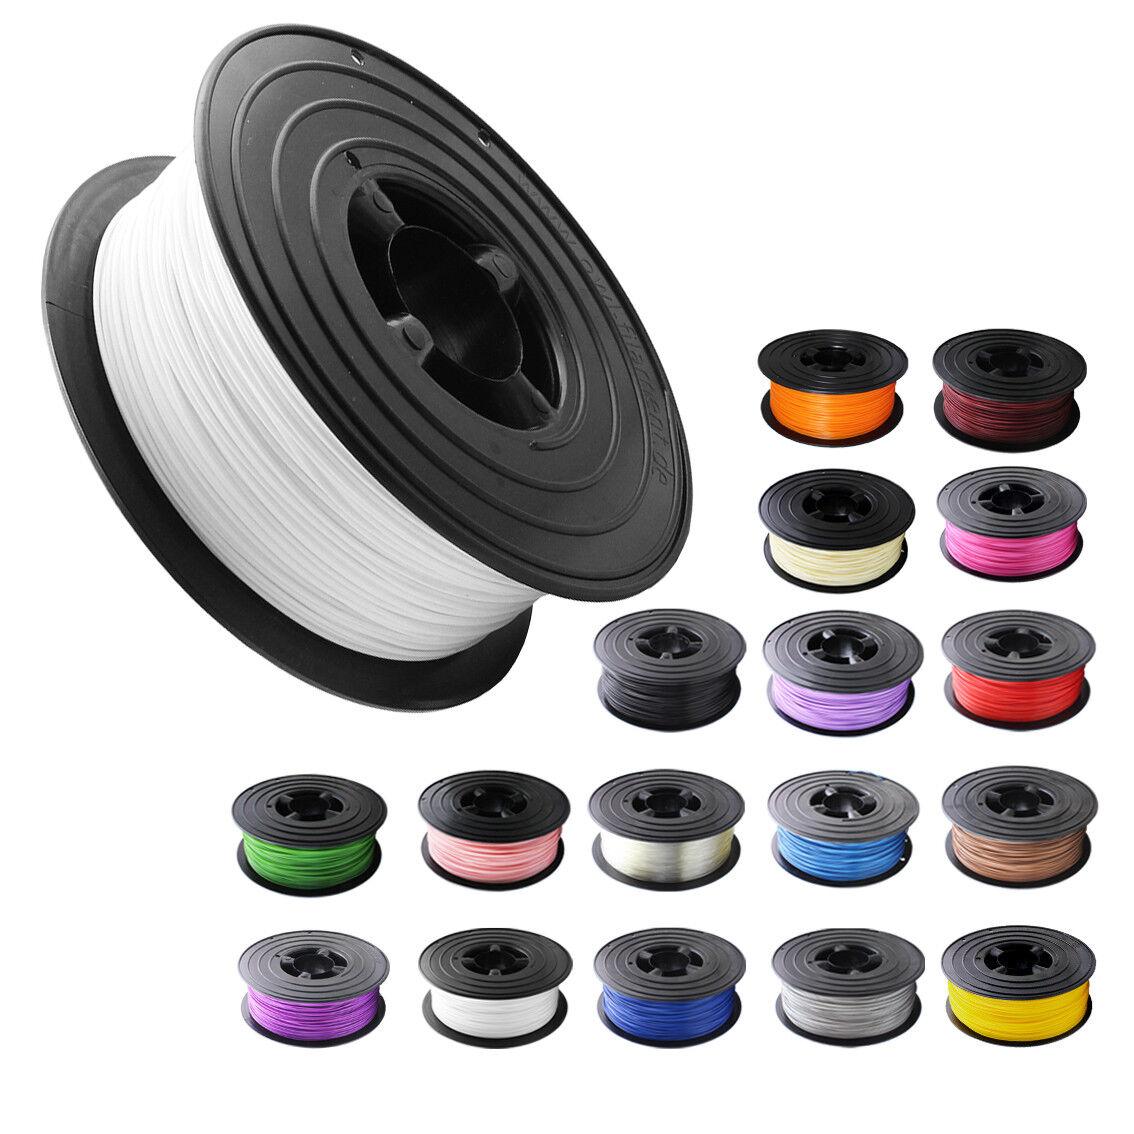 3D Filament 1kg 1,75mm PETG Filament 3D Drucker Printer Spule Rolle 1000g PET-G